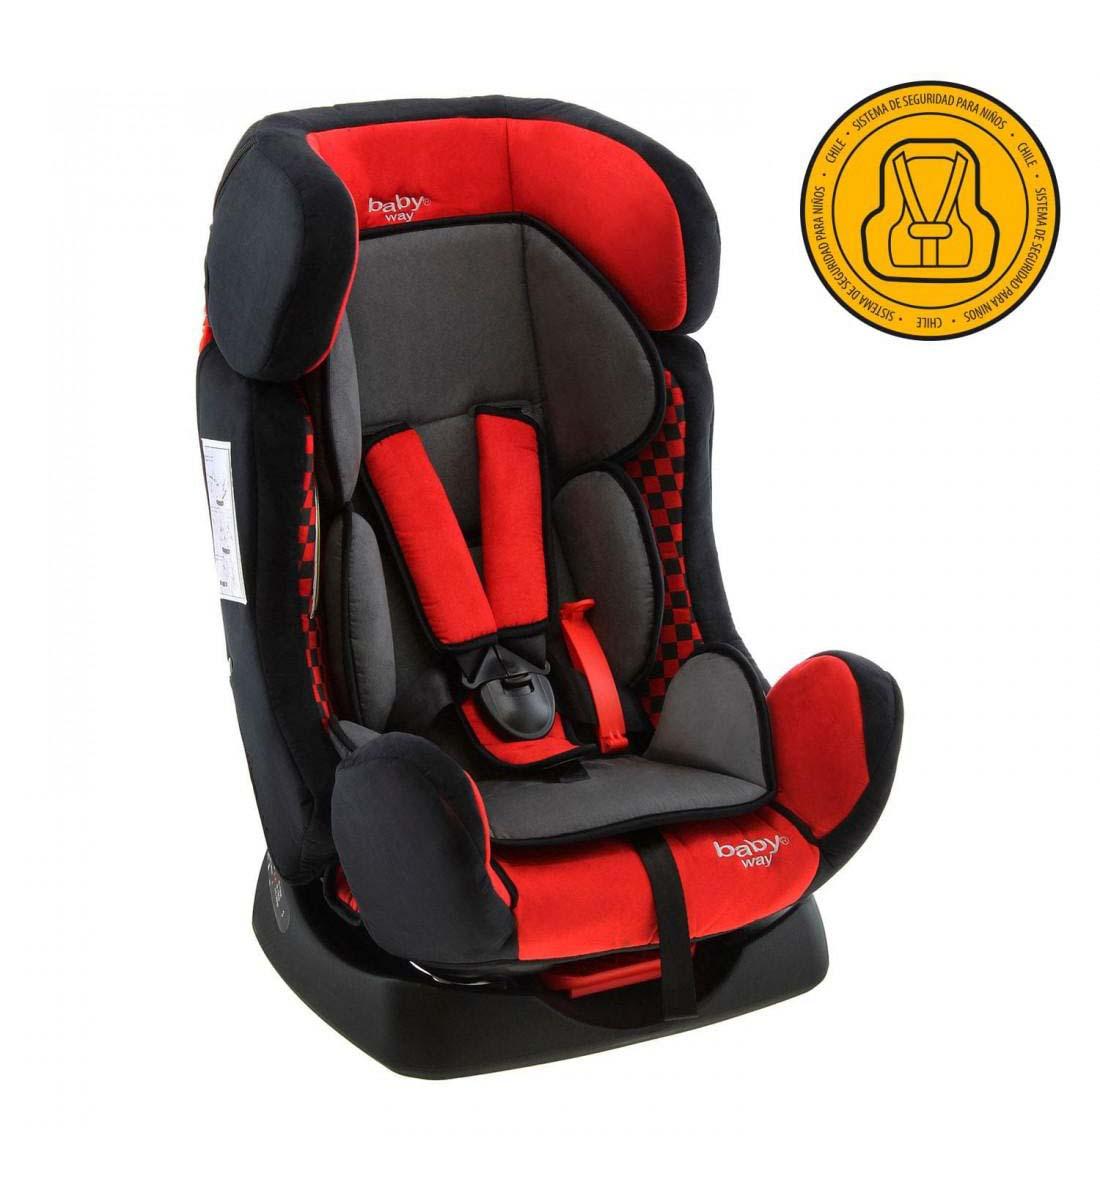 Butaca De Auto Baby Way Reclinable Bw-742 Roja